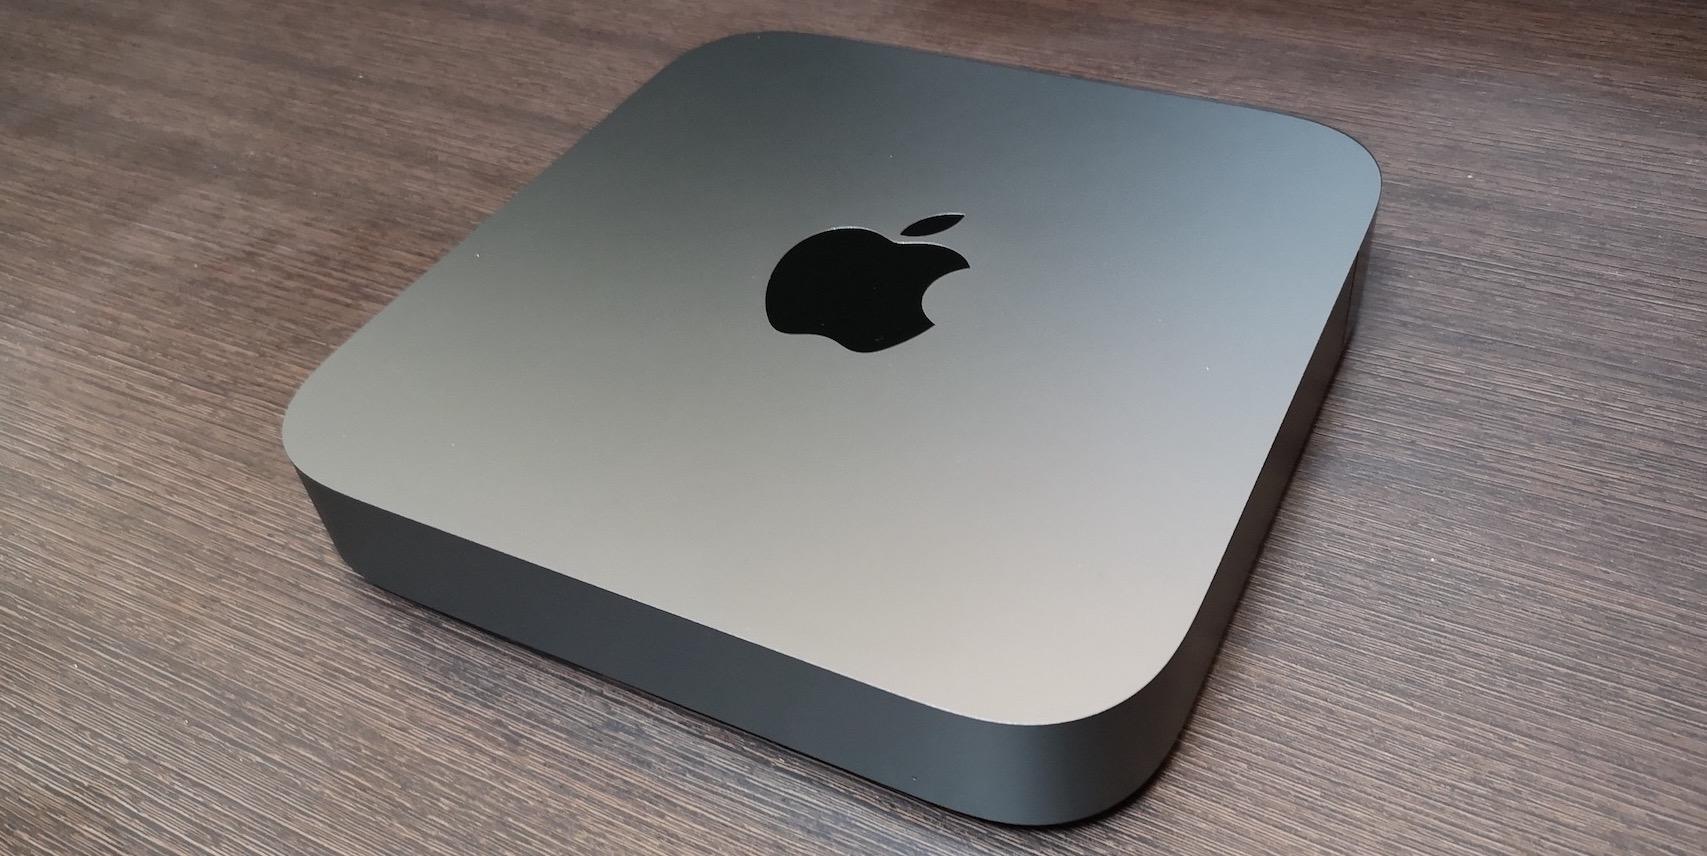 自宅用に省スペースなMac miniを。コスパの高い整備済製品という選択肢